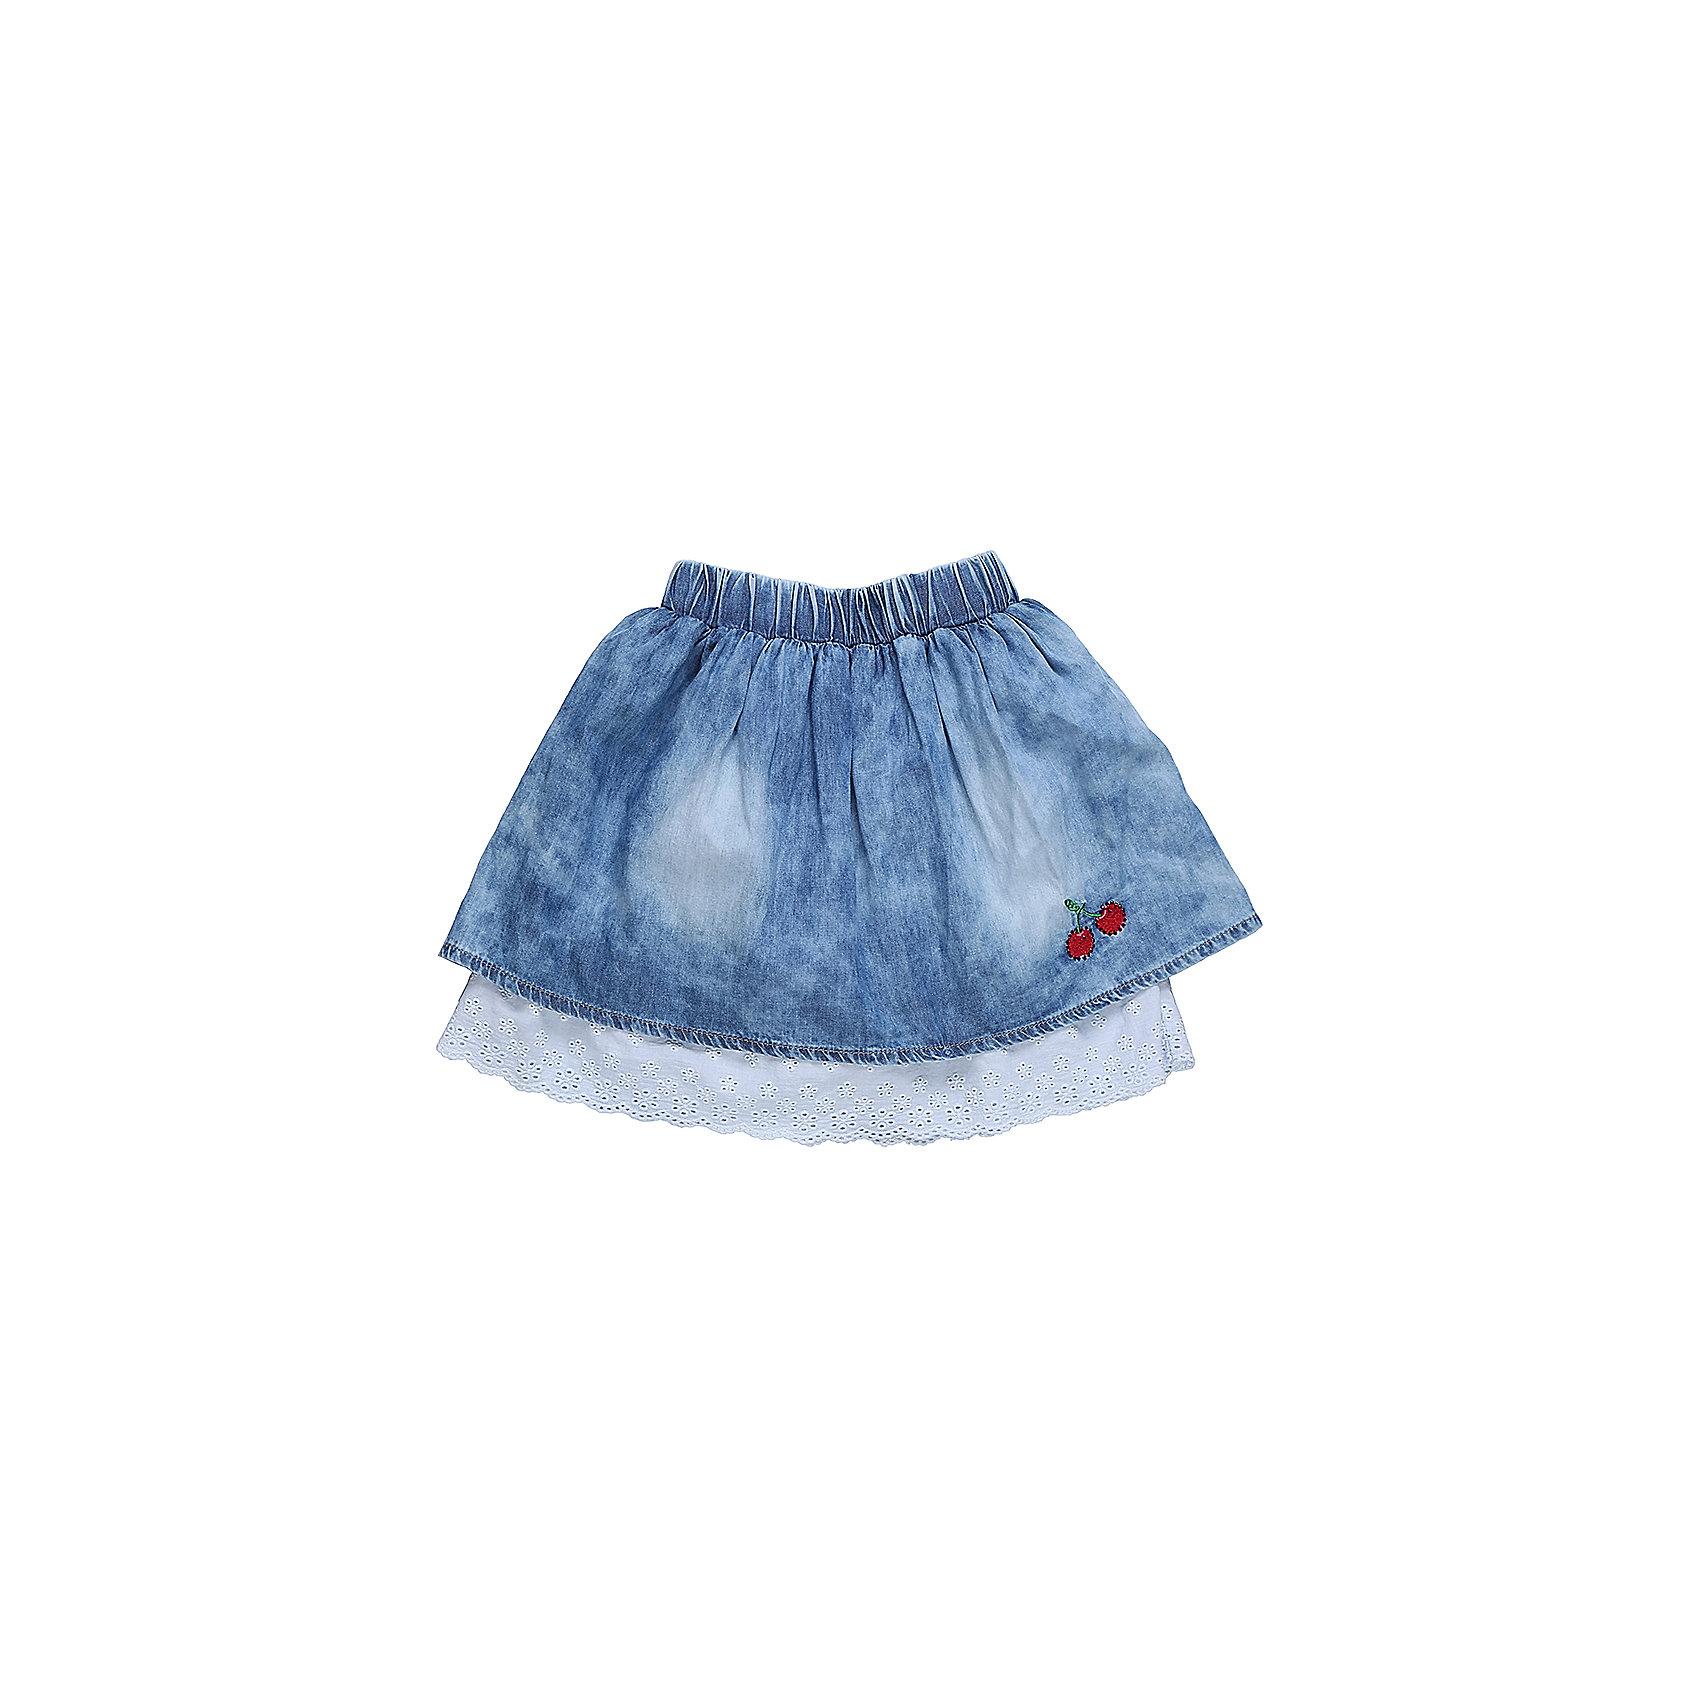 Юбка джинсовая для девочки Sweet BerryДжинсовый бум<br>Боковые карманы, низ изделия декорирован яркой вышивкой и стразами.<br>Состав:<br>100% хлопок<br><br>Ширина мм: 207<br>Глубина мм: 10<br>Высота мм: 189<br>Вес г: 183<br>Цвет: синий<br>Возраст от месяцев: 72<br>Возраст до месяцев: 84<br>Пол: Женский<br>Возраст: Детский<br>Размер: 122,128,104,98,110,116<br>SKU: 5410073